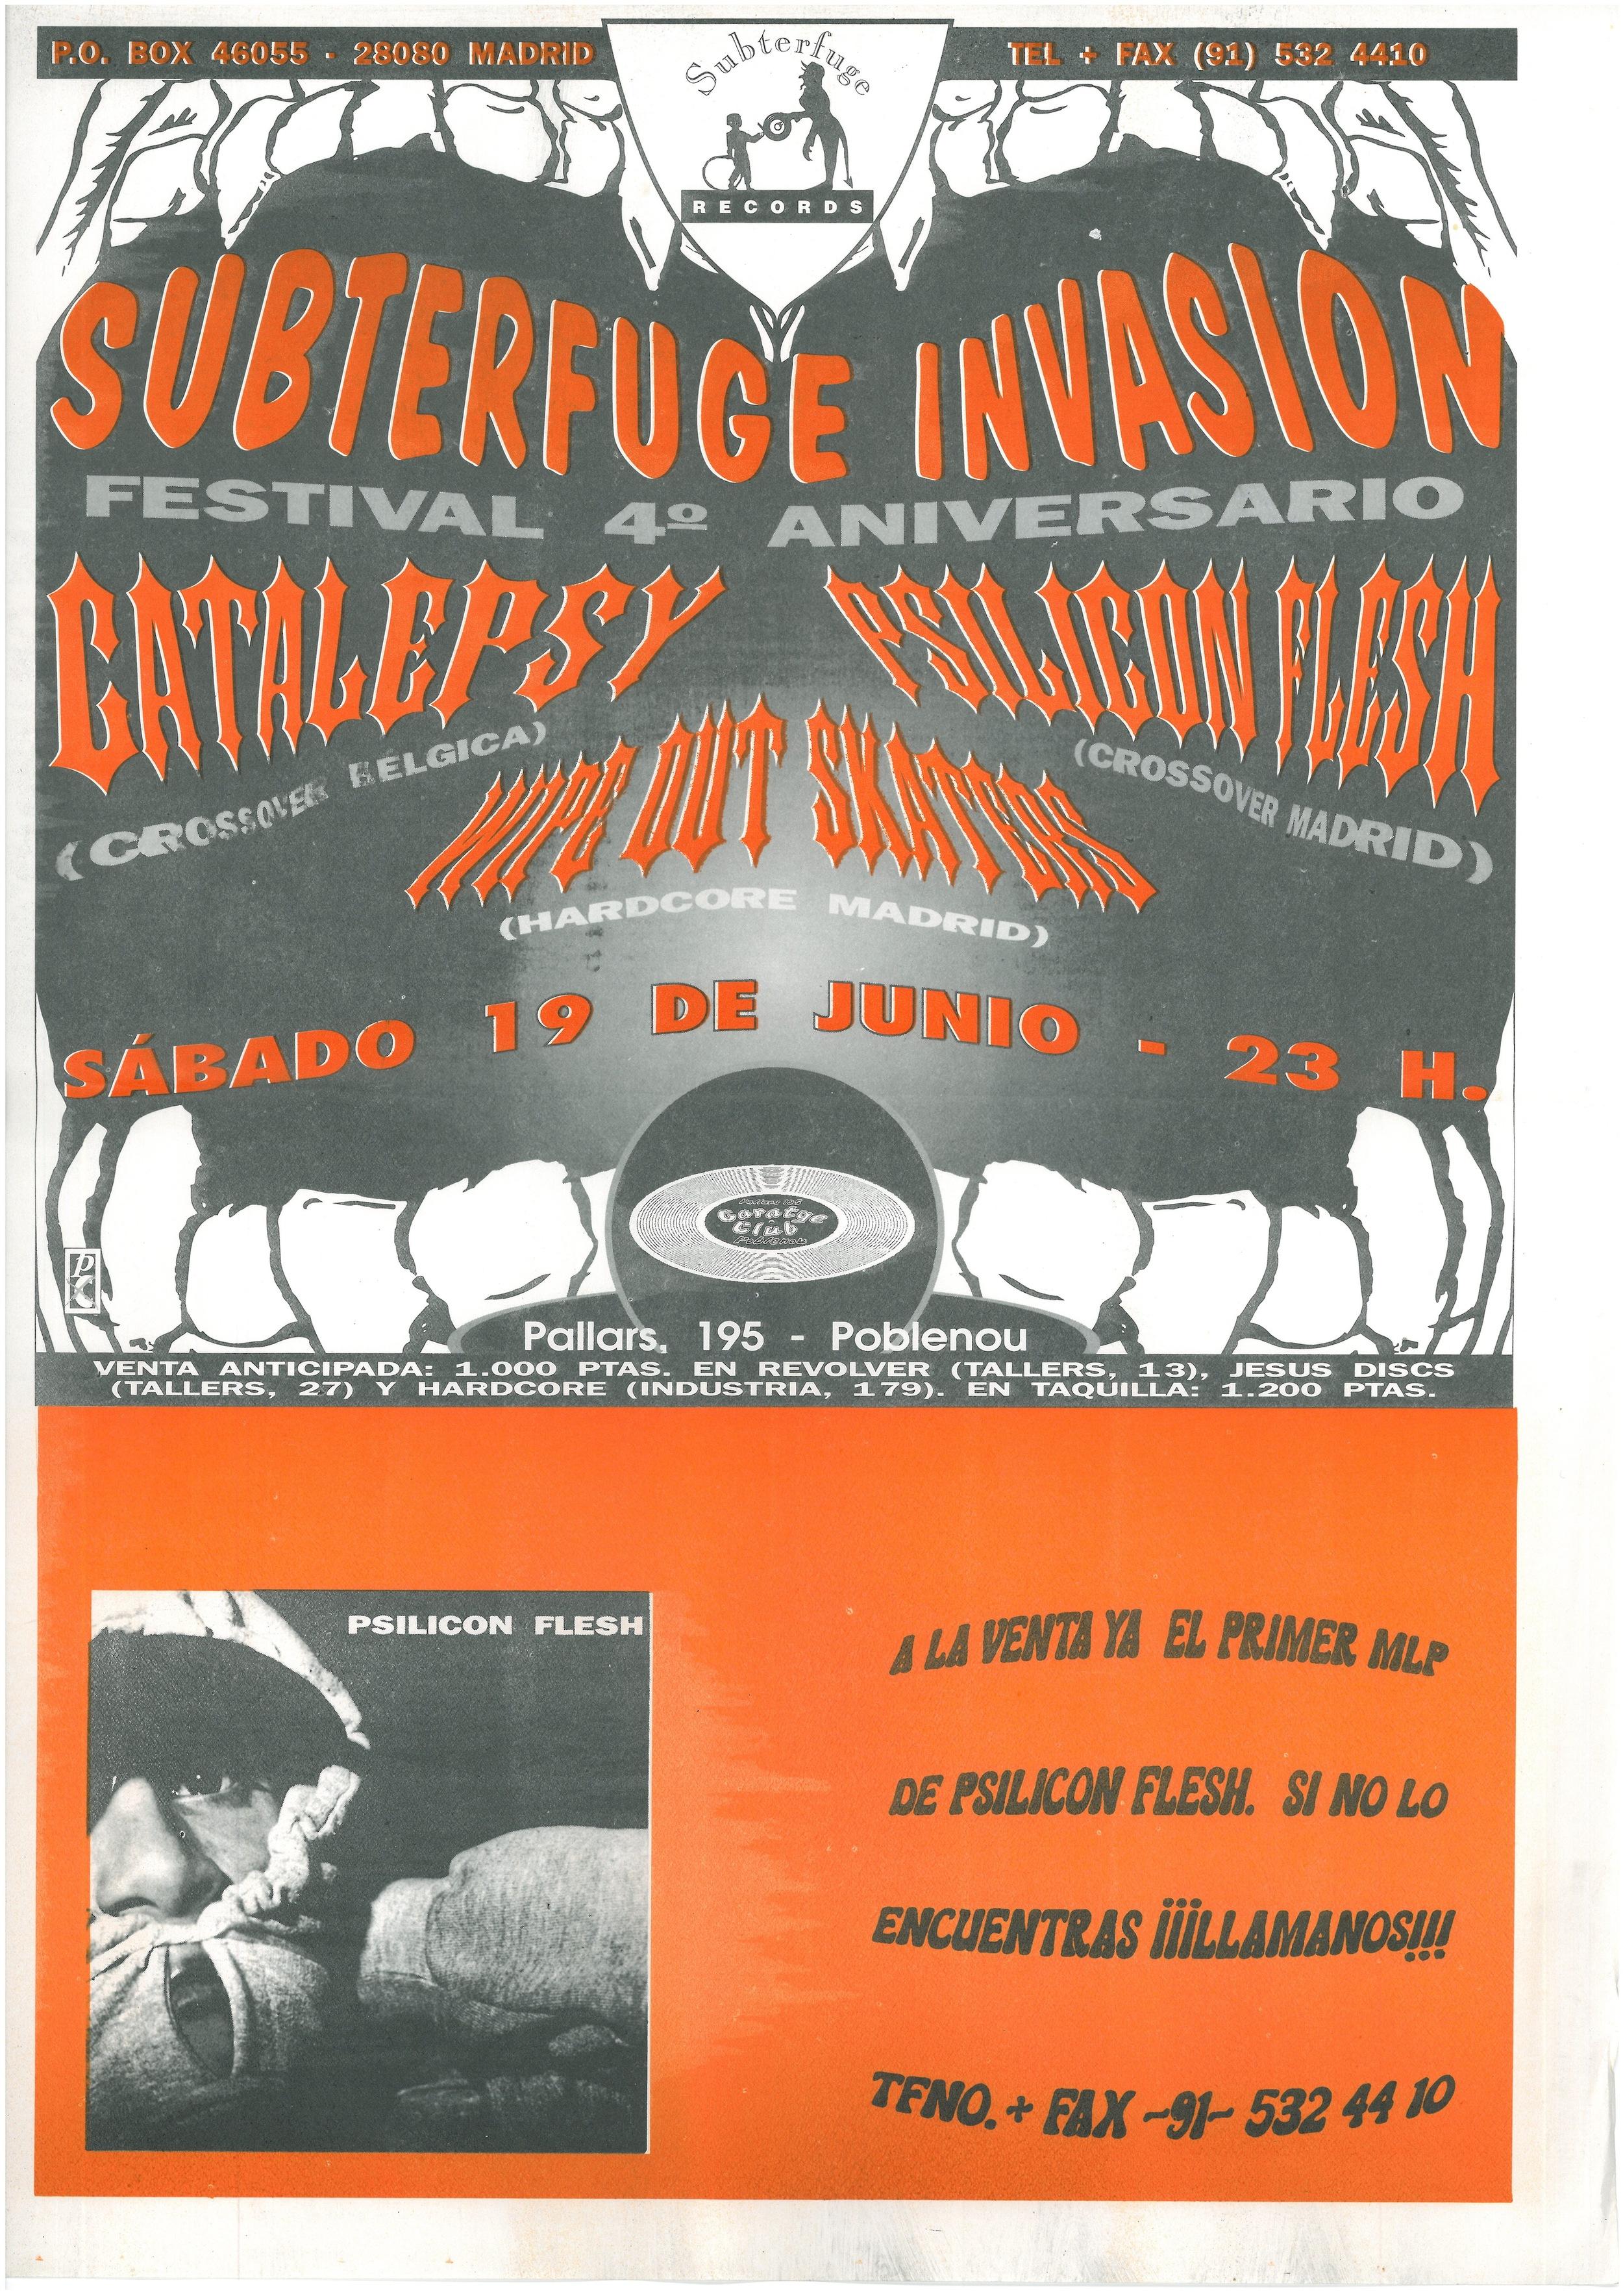 1993.SubterfugeInvasion.jpg